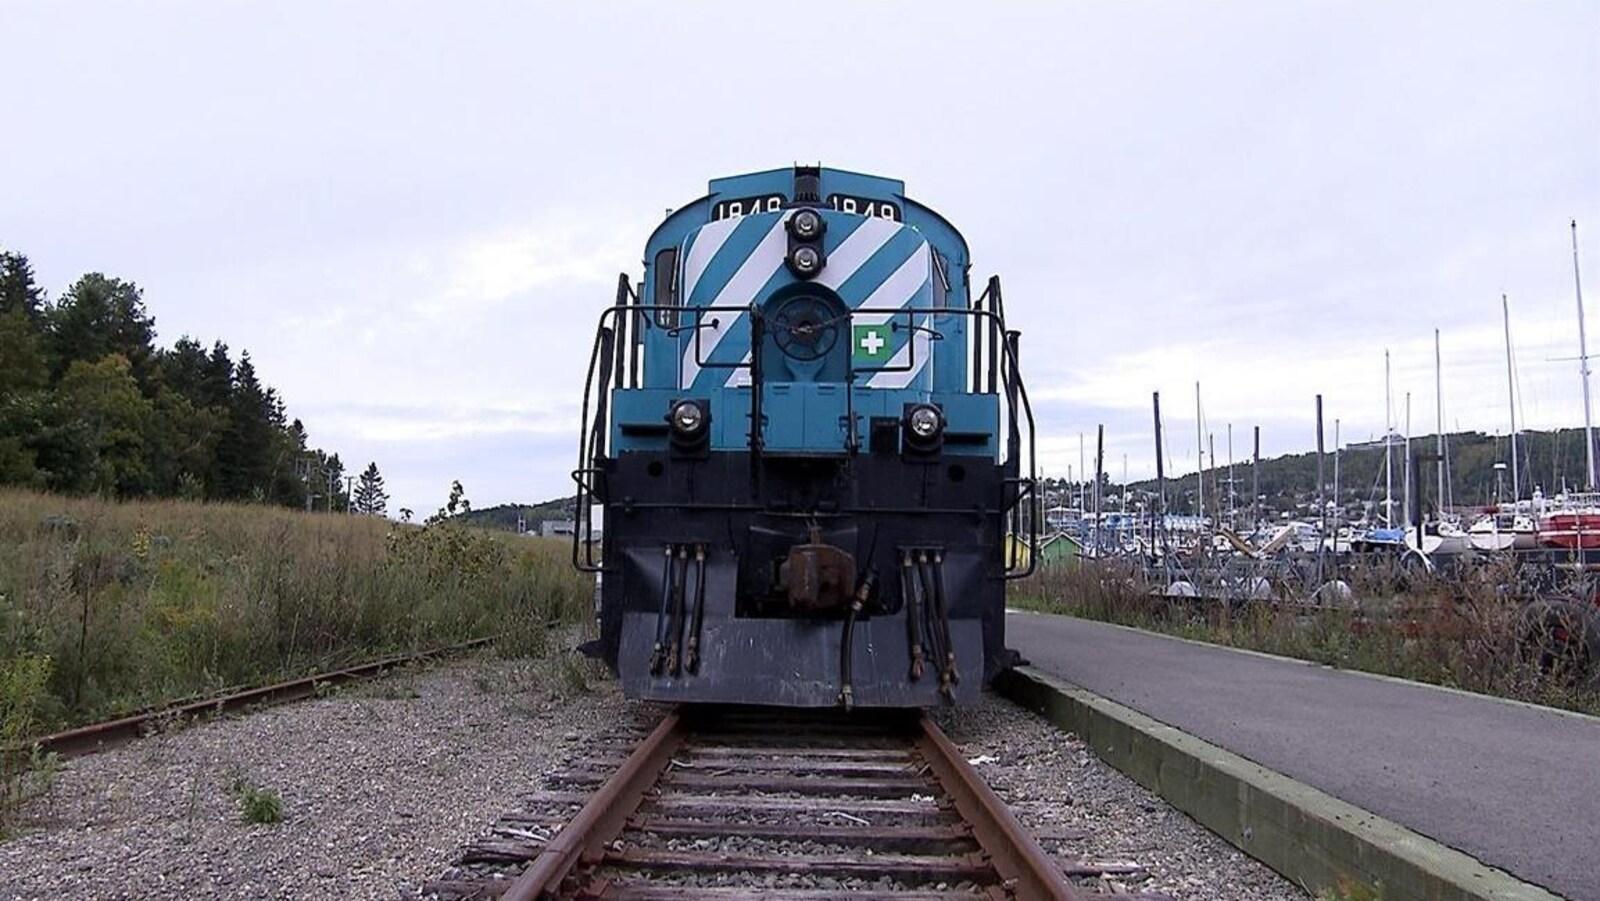 Vue avant d'une locomotive sur les rails